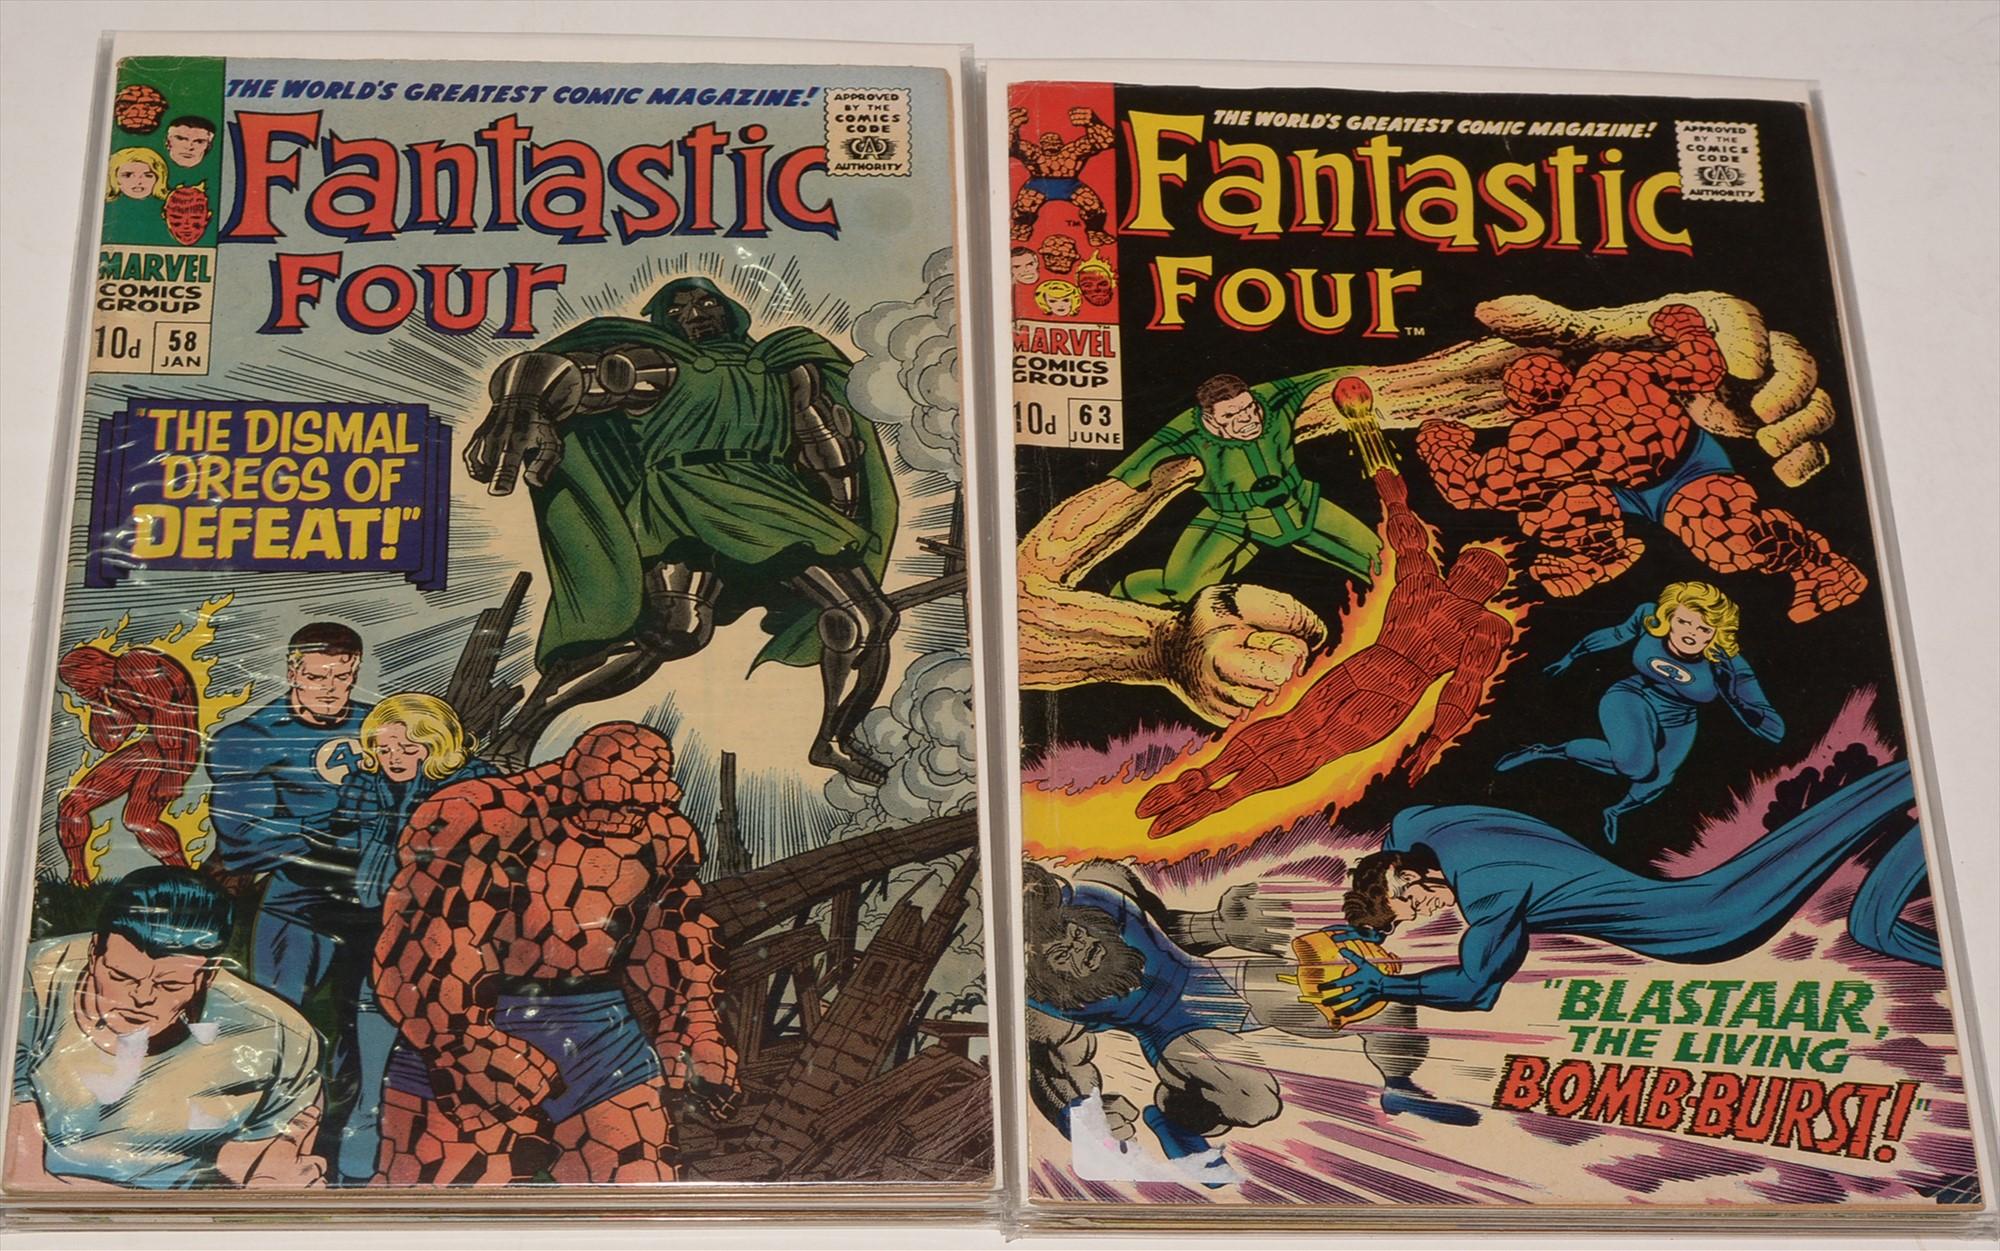 Fantastic Four No's. 58-66 inclusive comics.